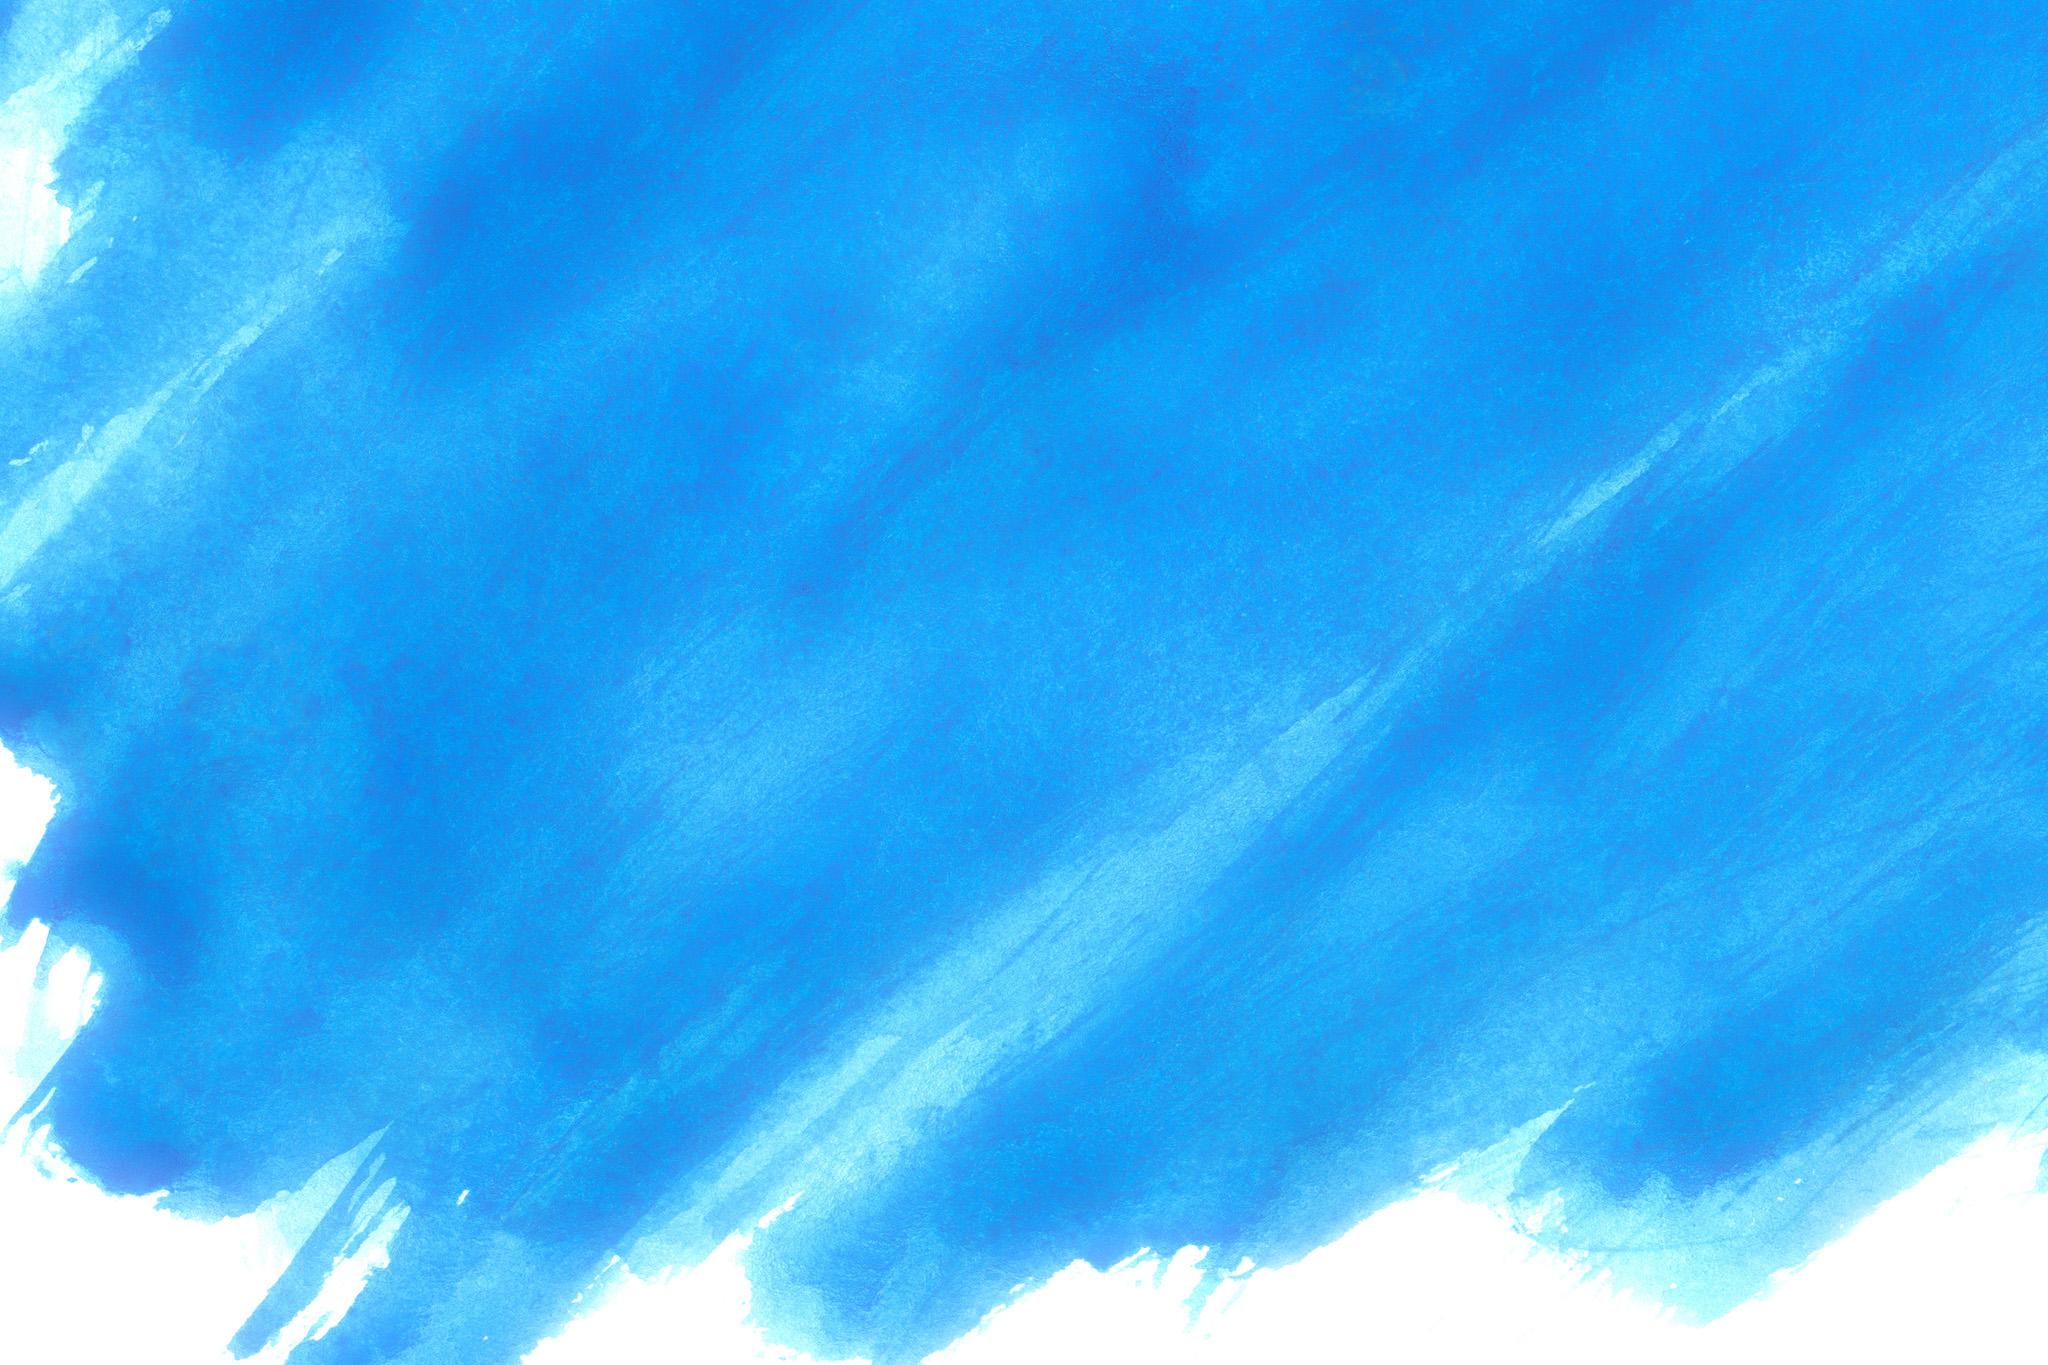 「筆で塗ったスペクトラムブルー」